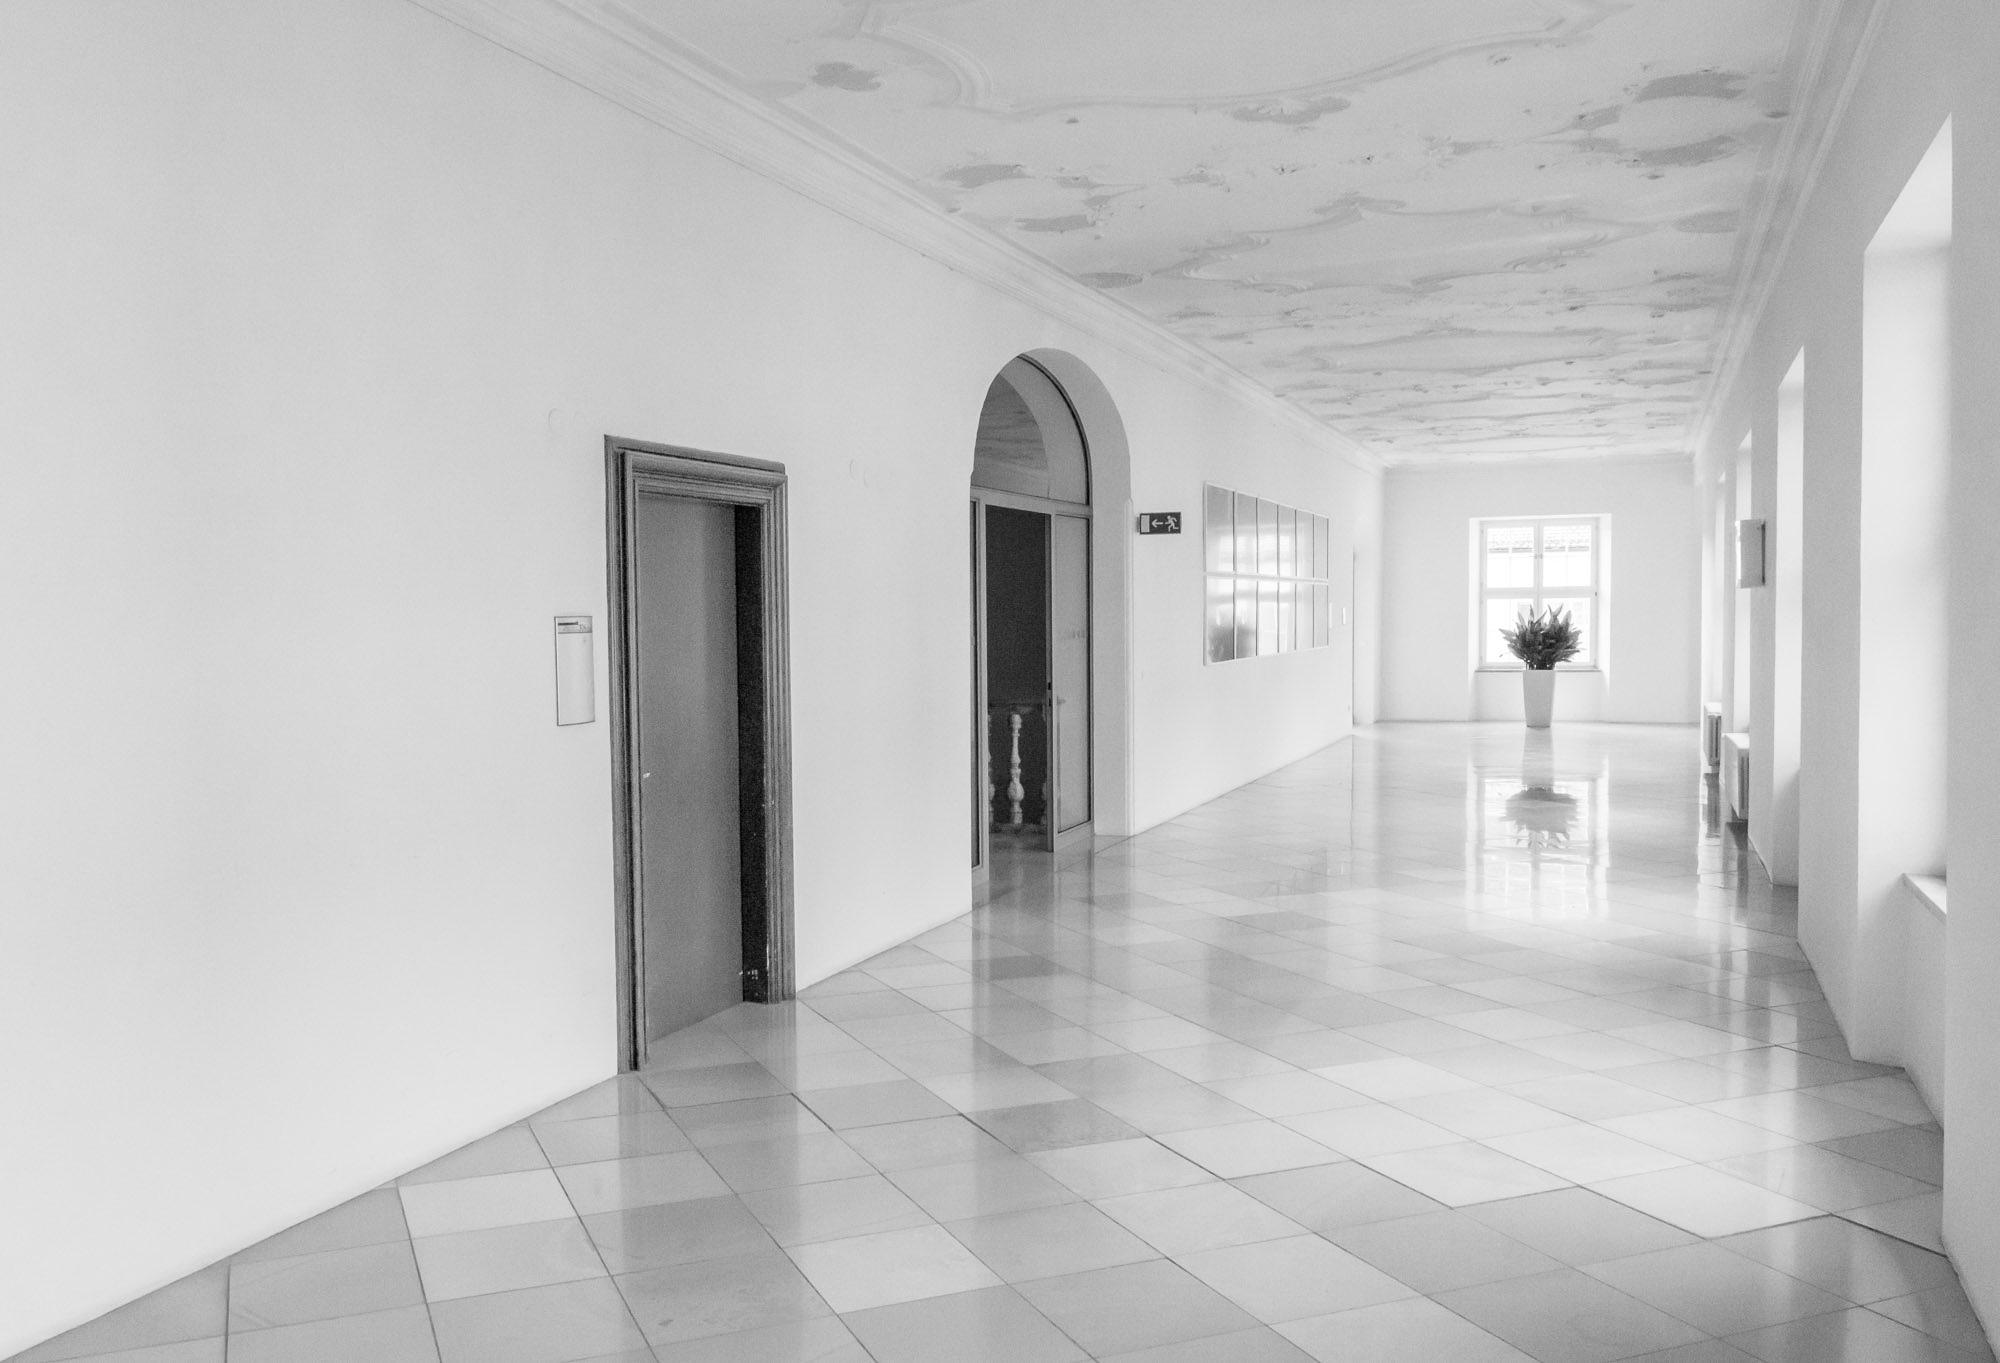 beim Probenwochenende im Kloster Ochsenhausen